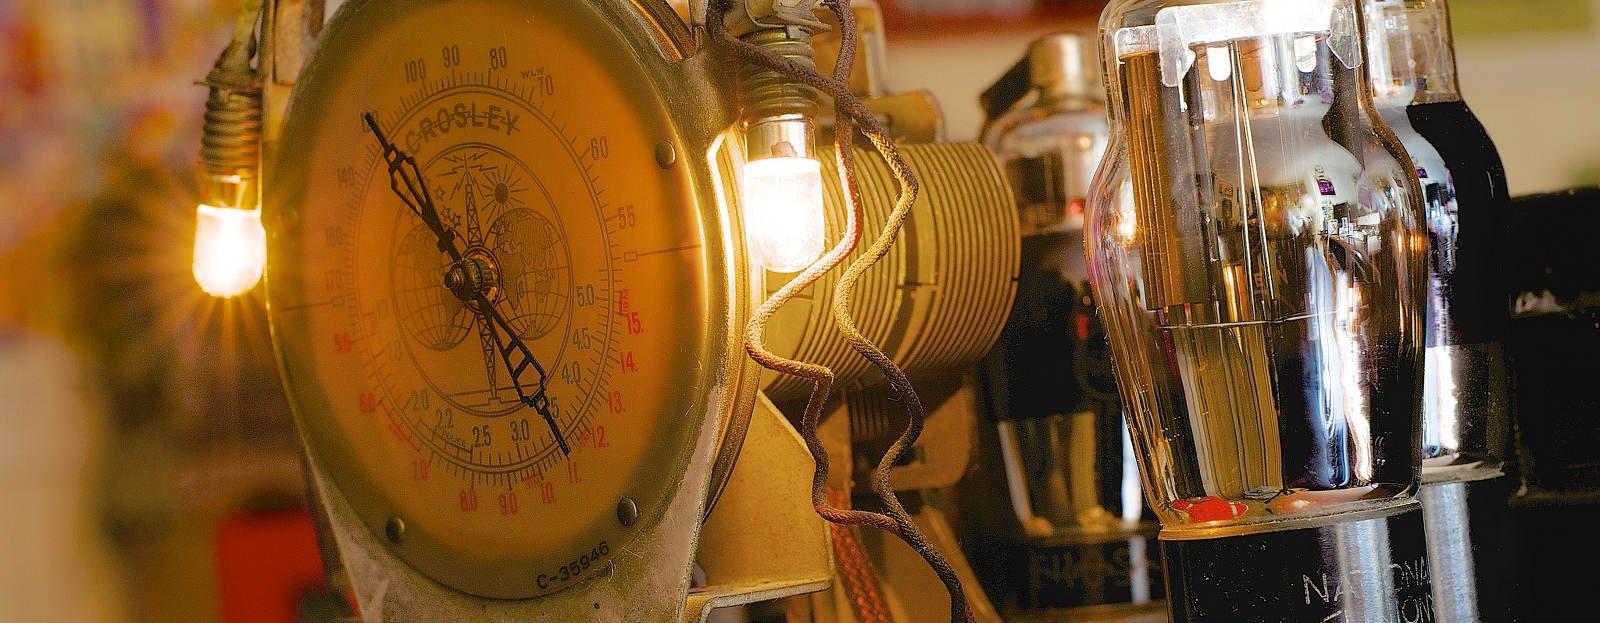 Tubos de vacío, por Jamie McCaffrey, en Flickr (11792611874), con licencia CC by